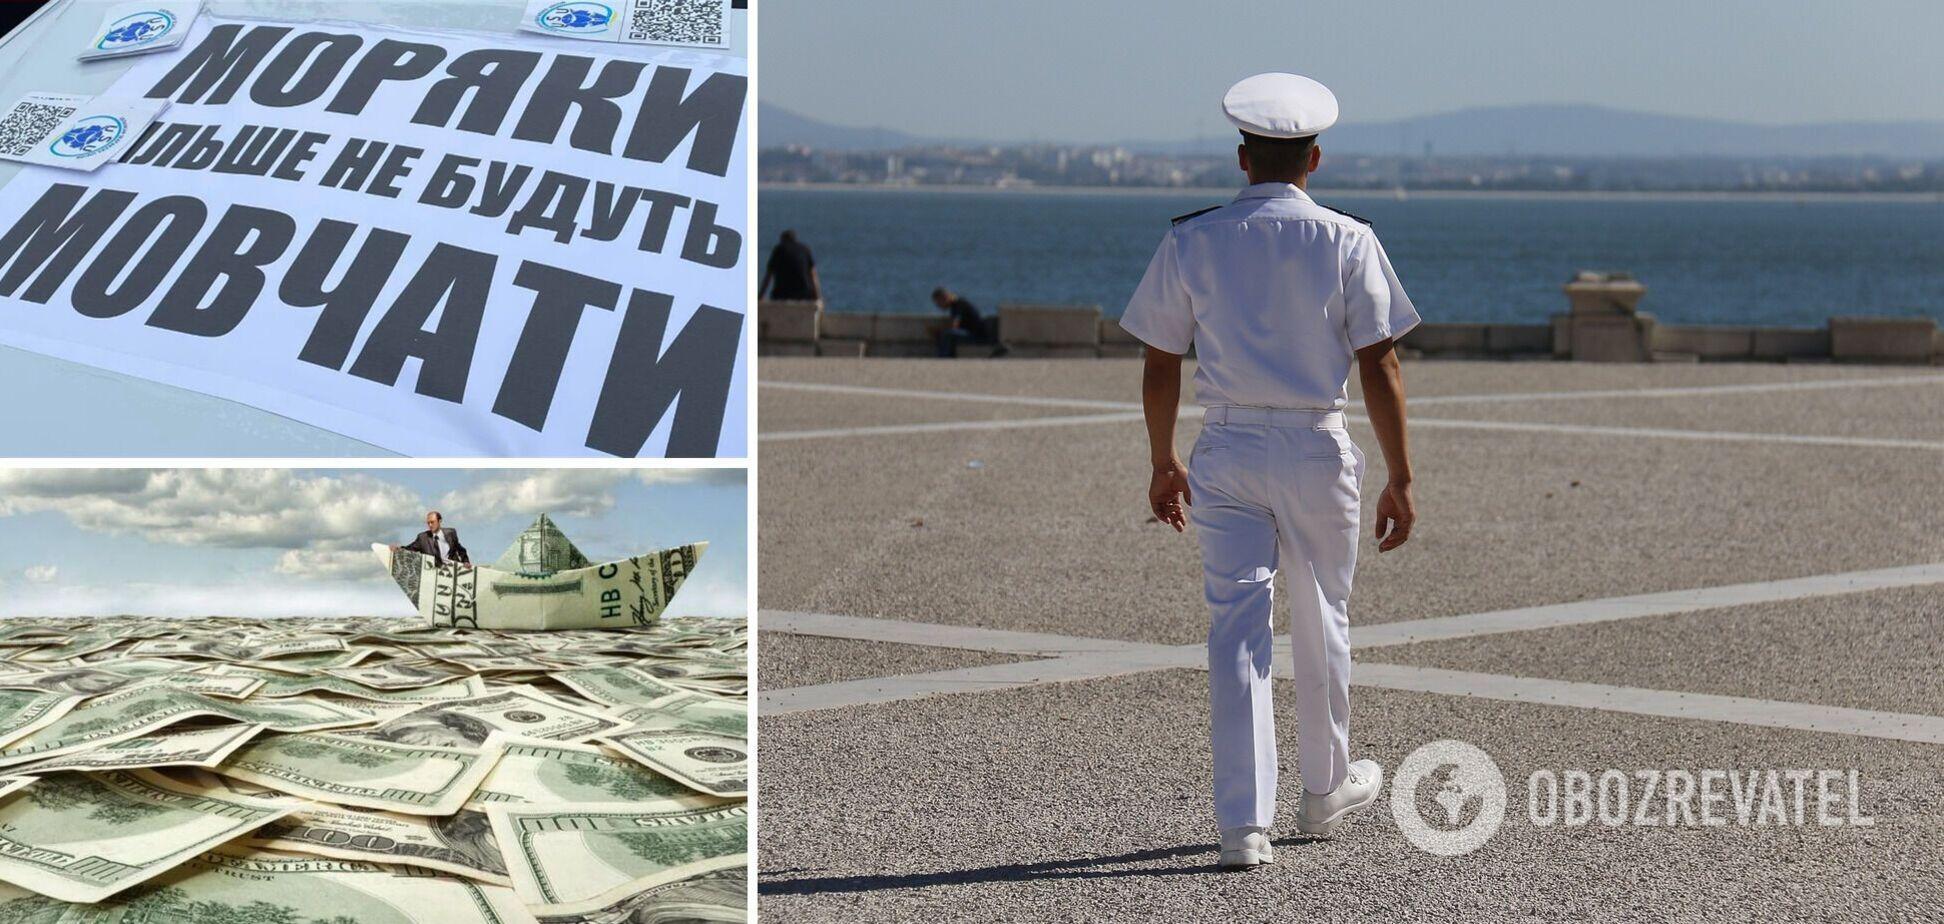 Морякам доводилося платити хабарі, щоб продовжити роботу